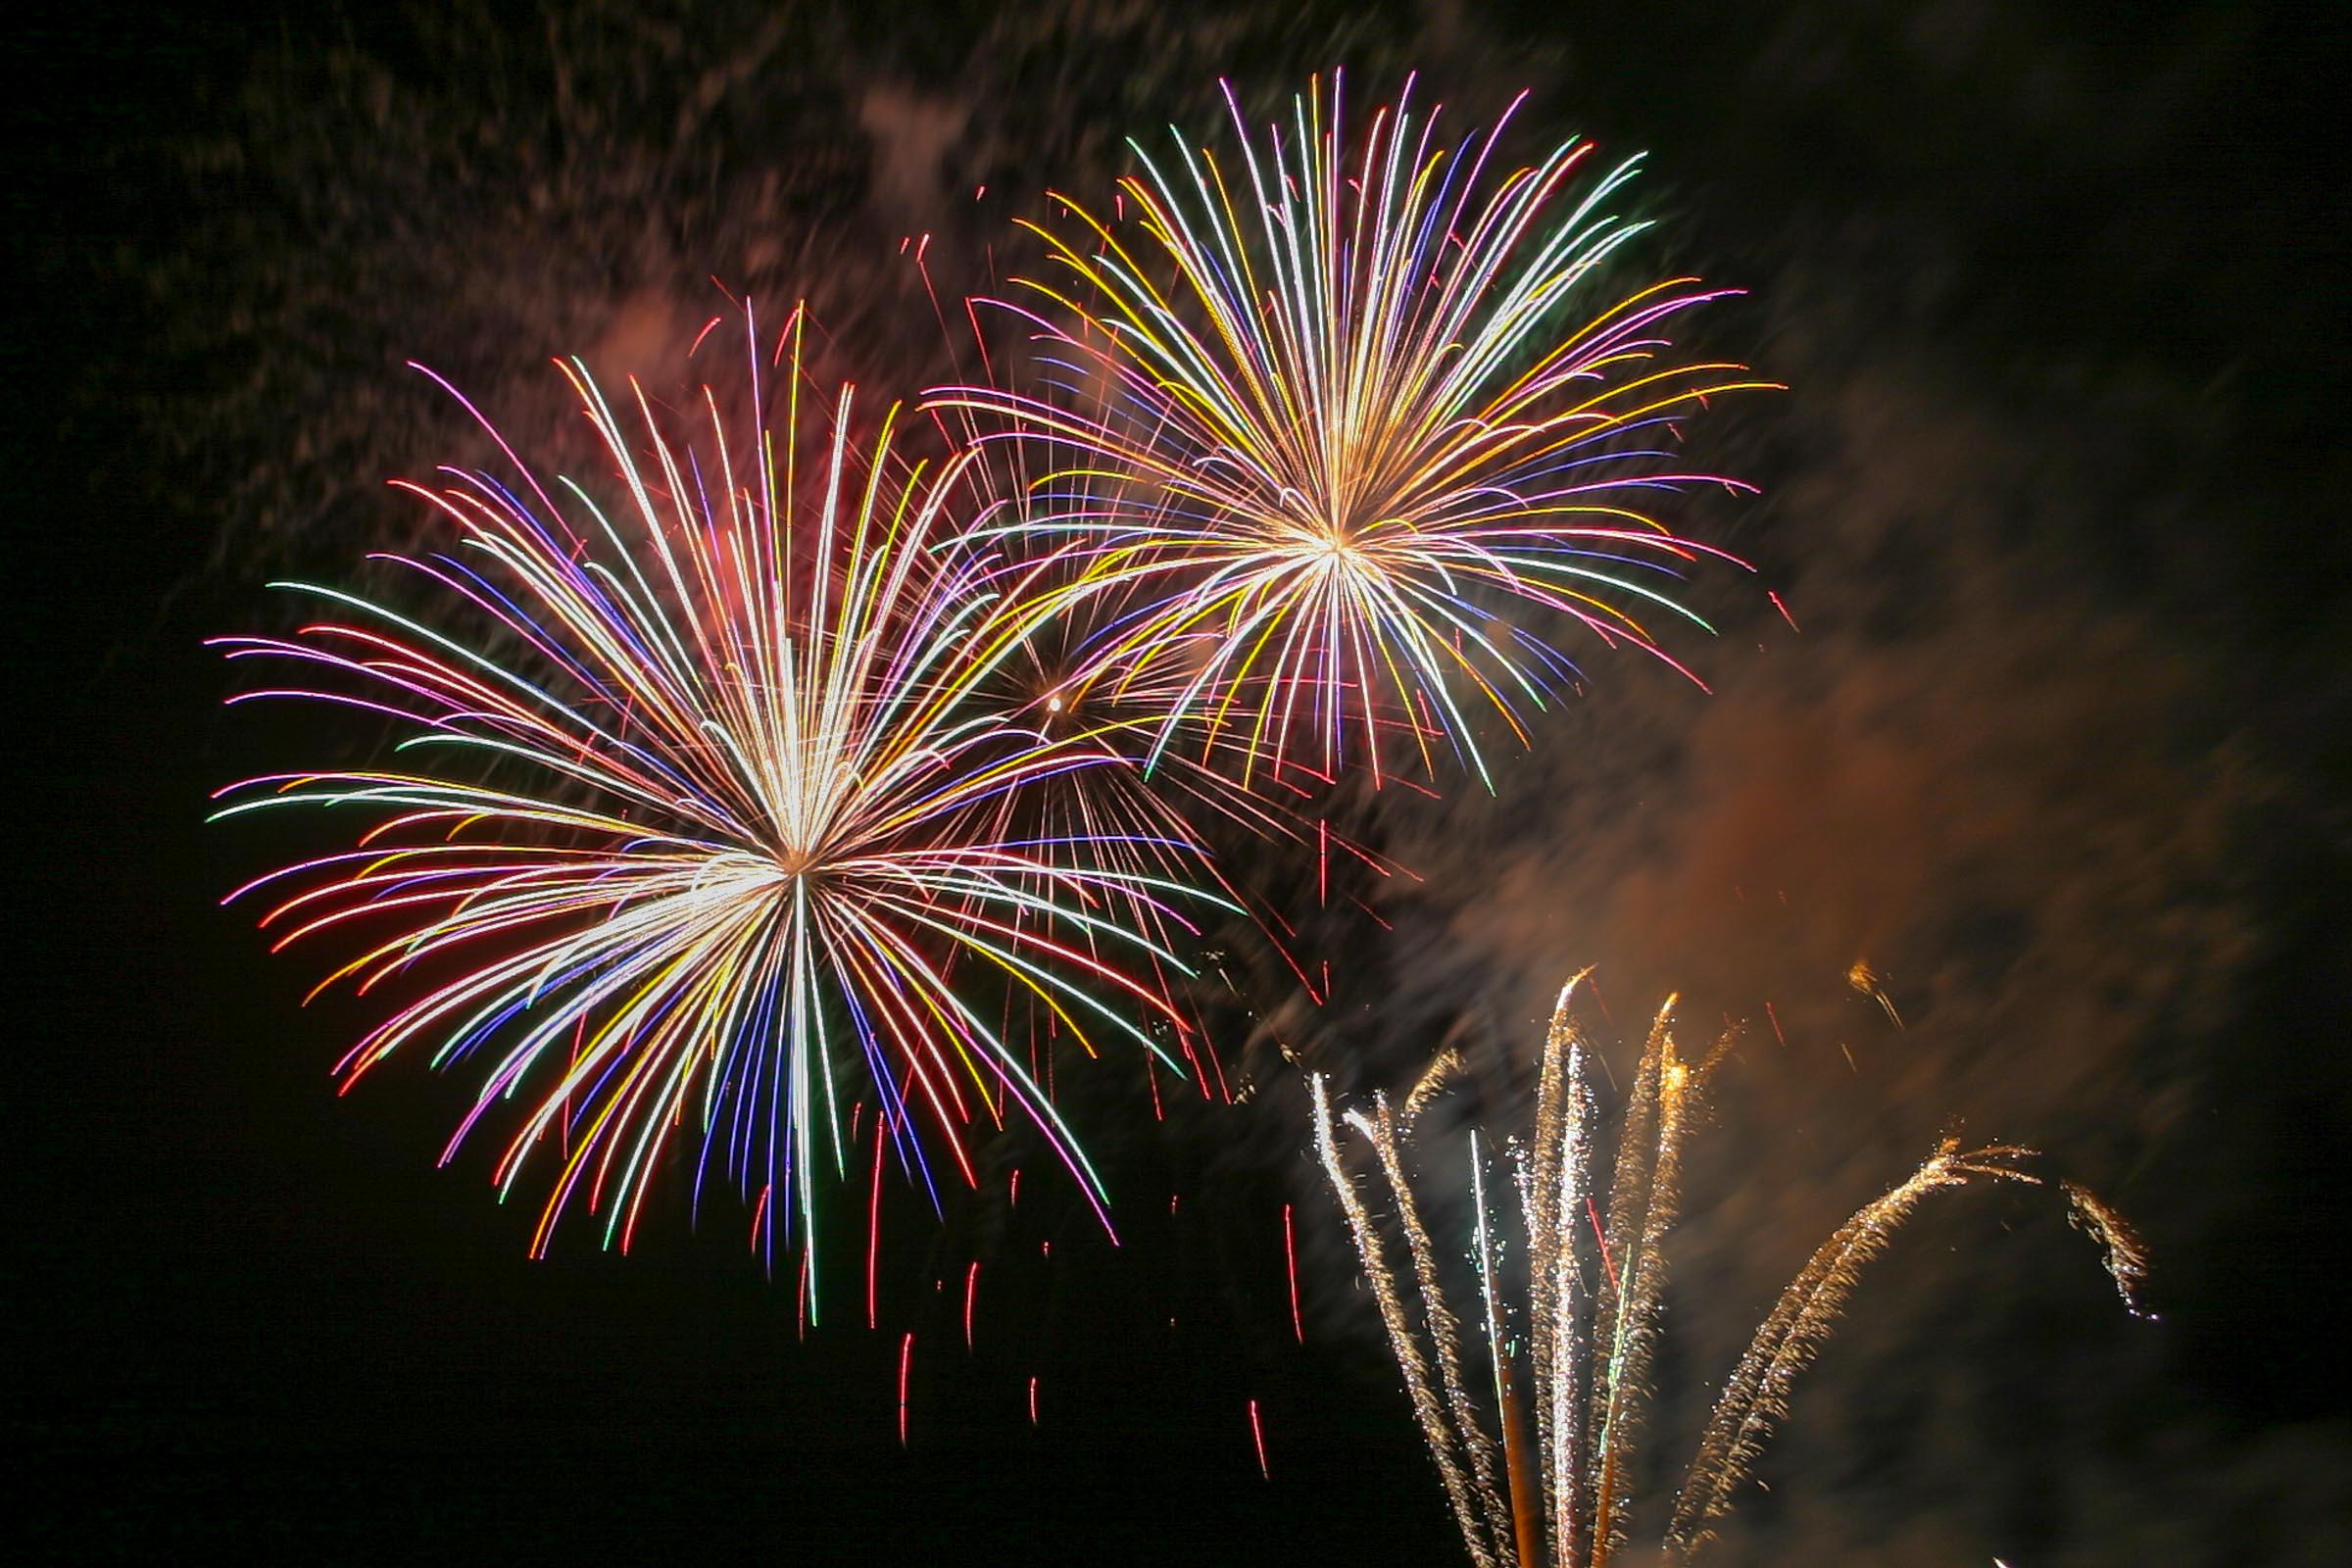 image from Tips voor het maken van goede vuurwerkfoto's